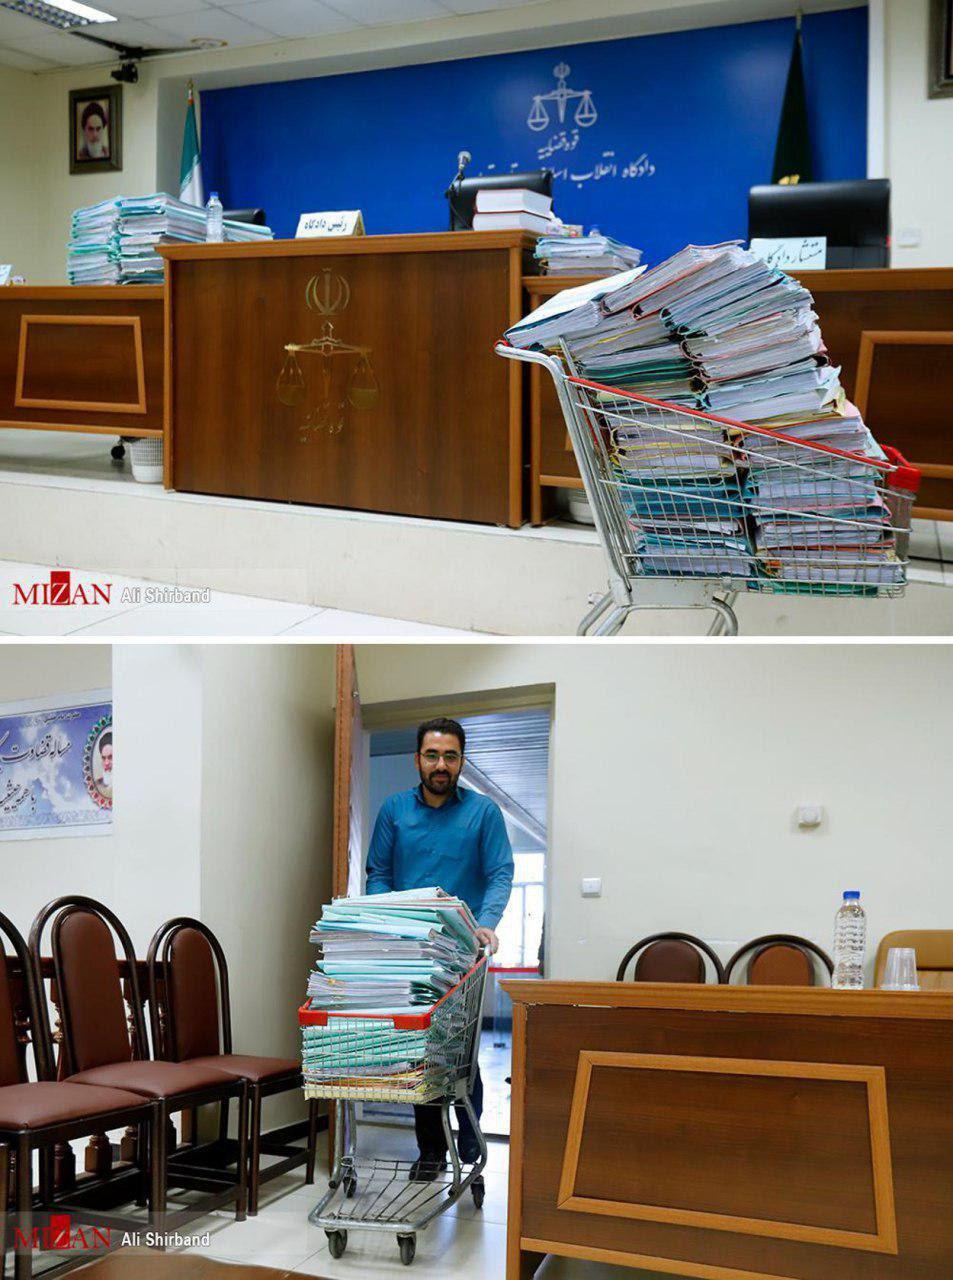 تصویری عجیب از حجم پروندههای چهارمین دادگاه تعاونیهای البرز ایرانیان